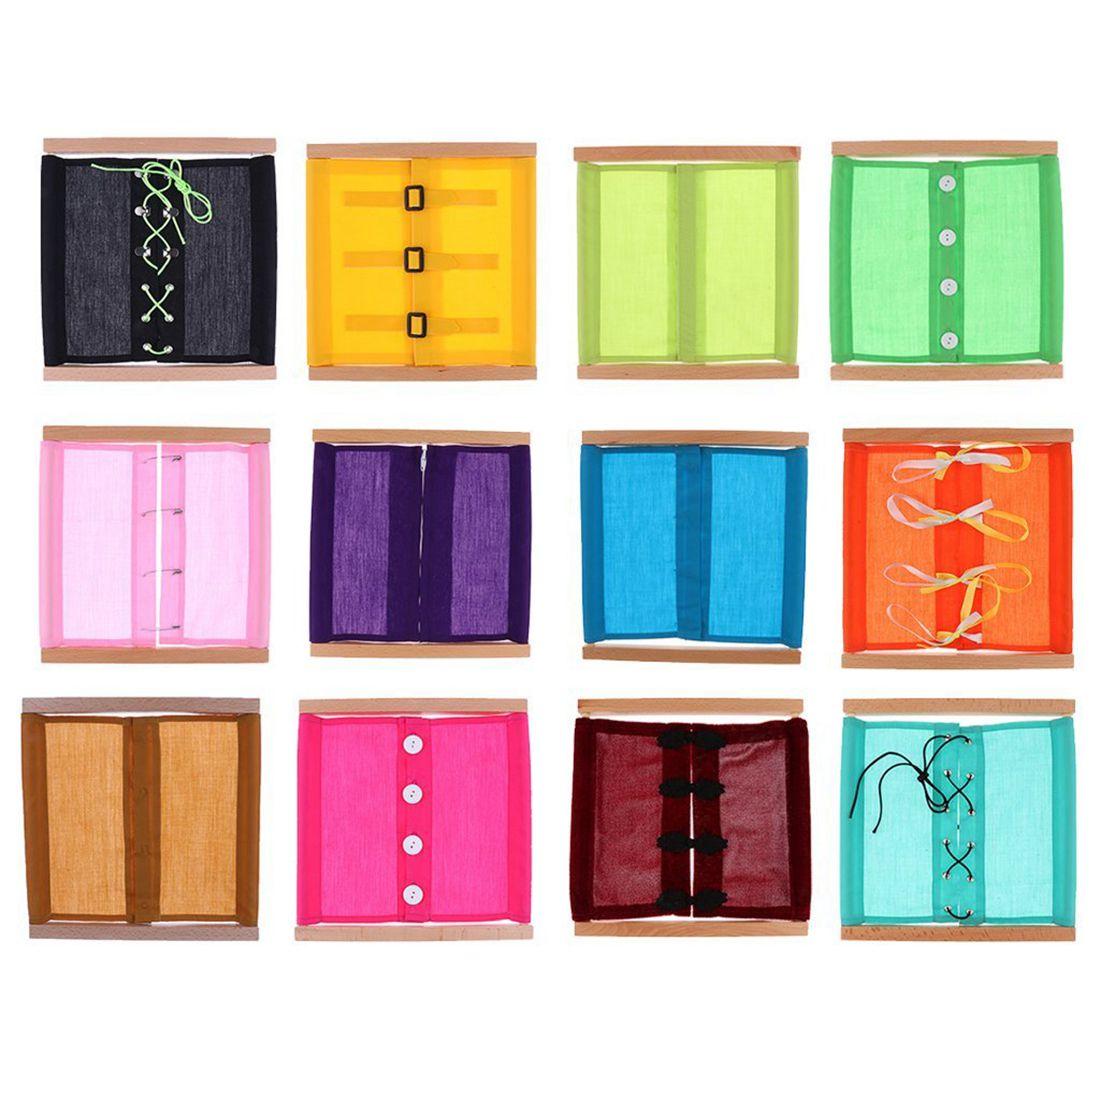 Offre spéciale 12 pièces Montessori équipement vie pratique éducation préscolaire enfants en bois jouet